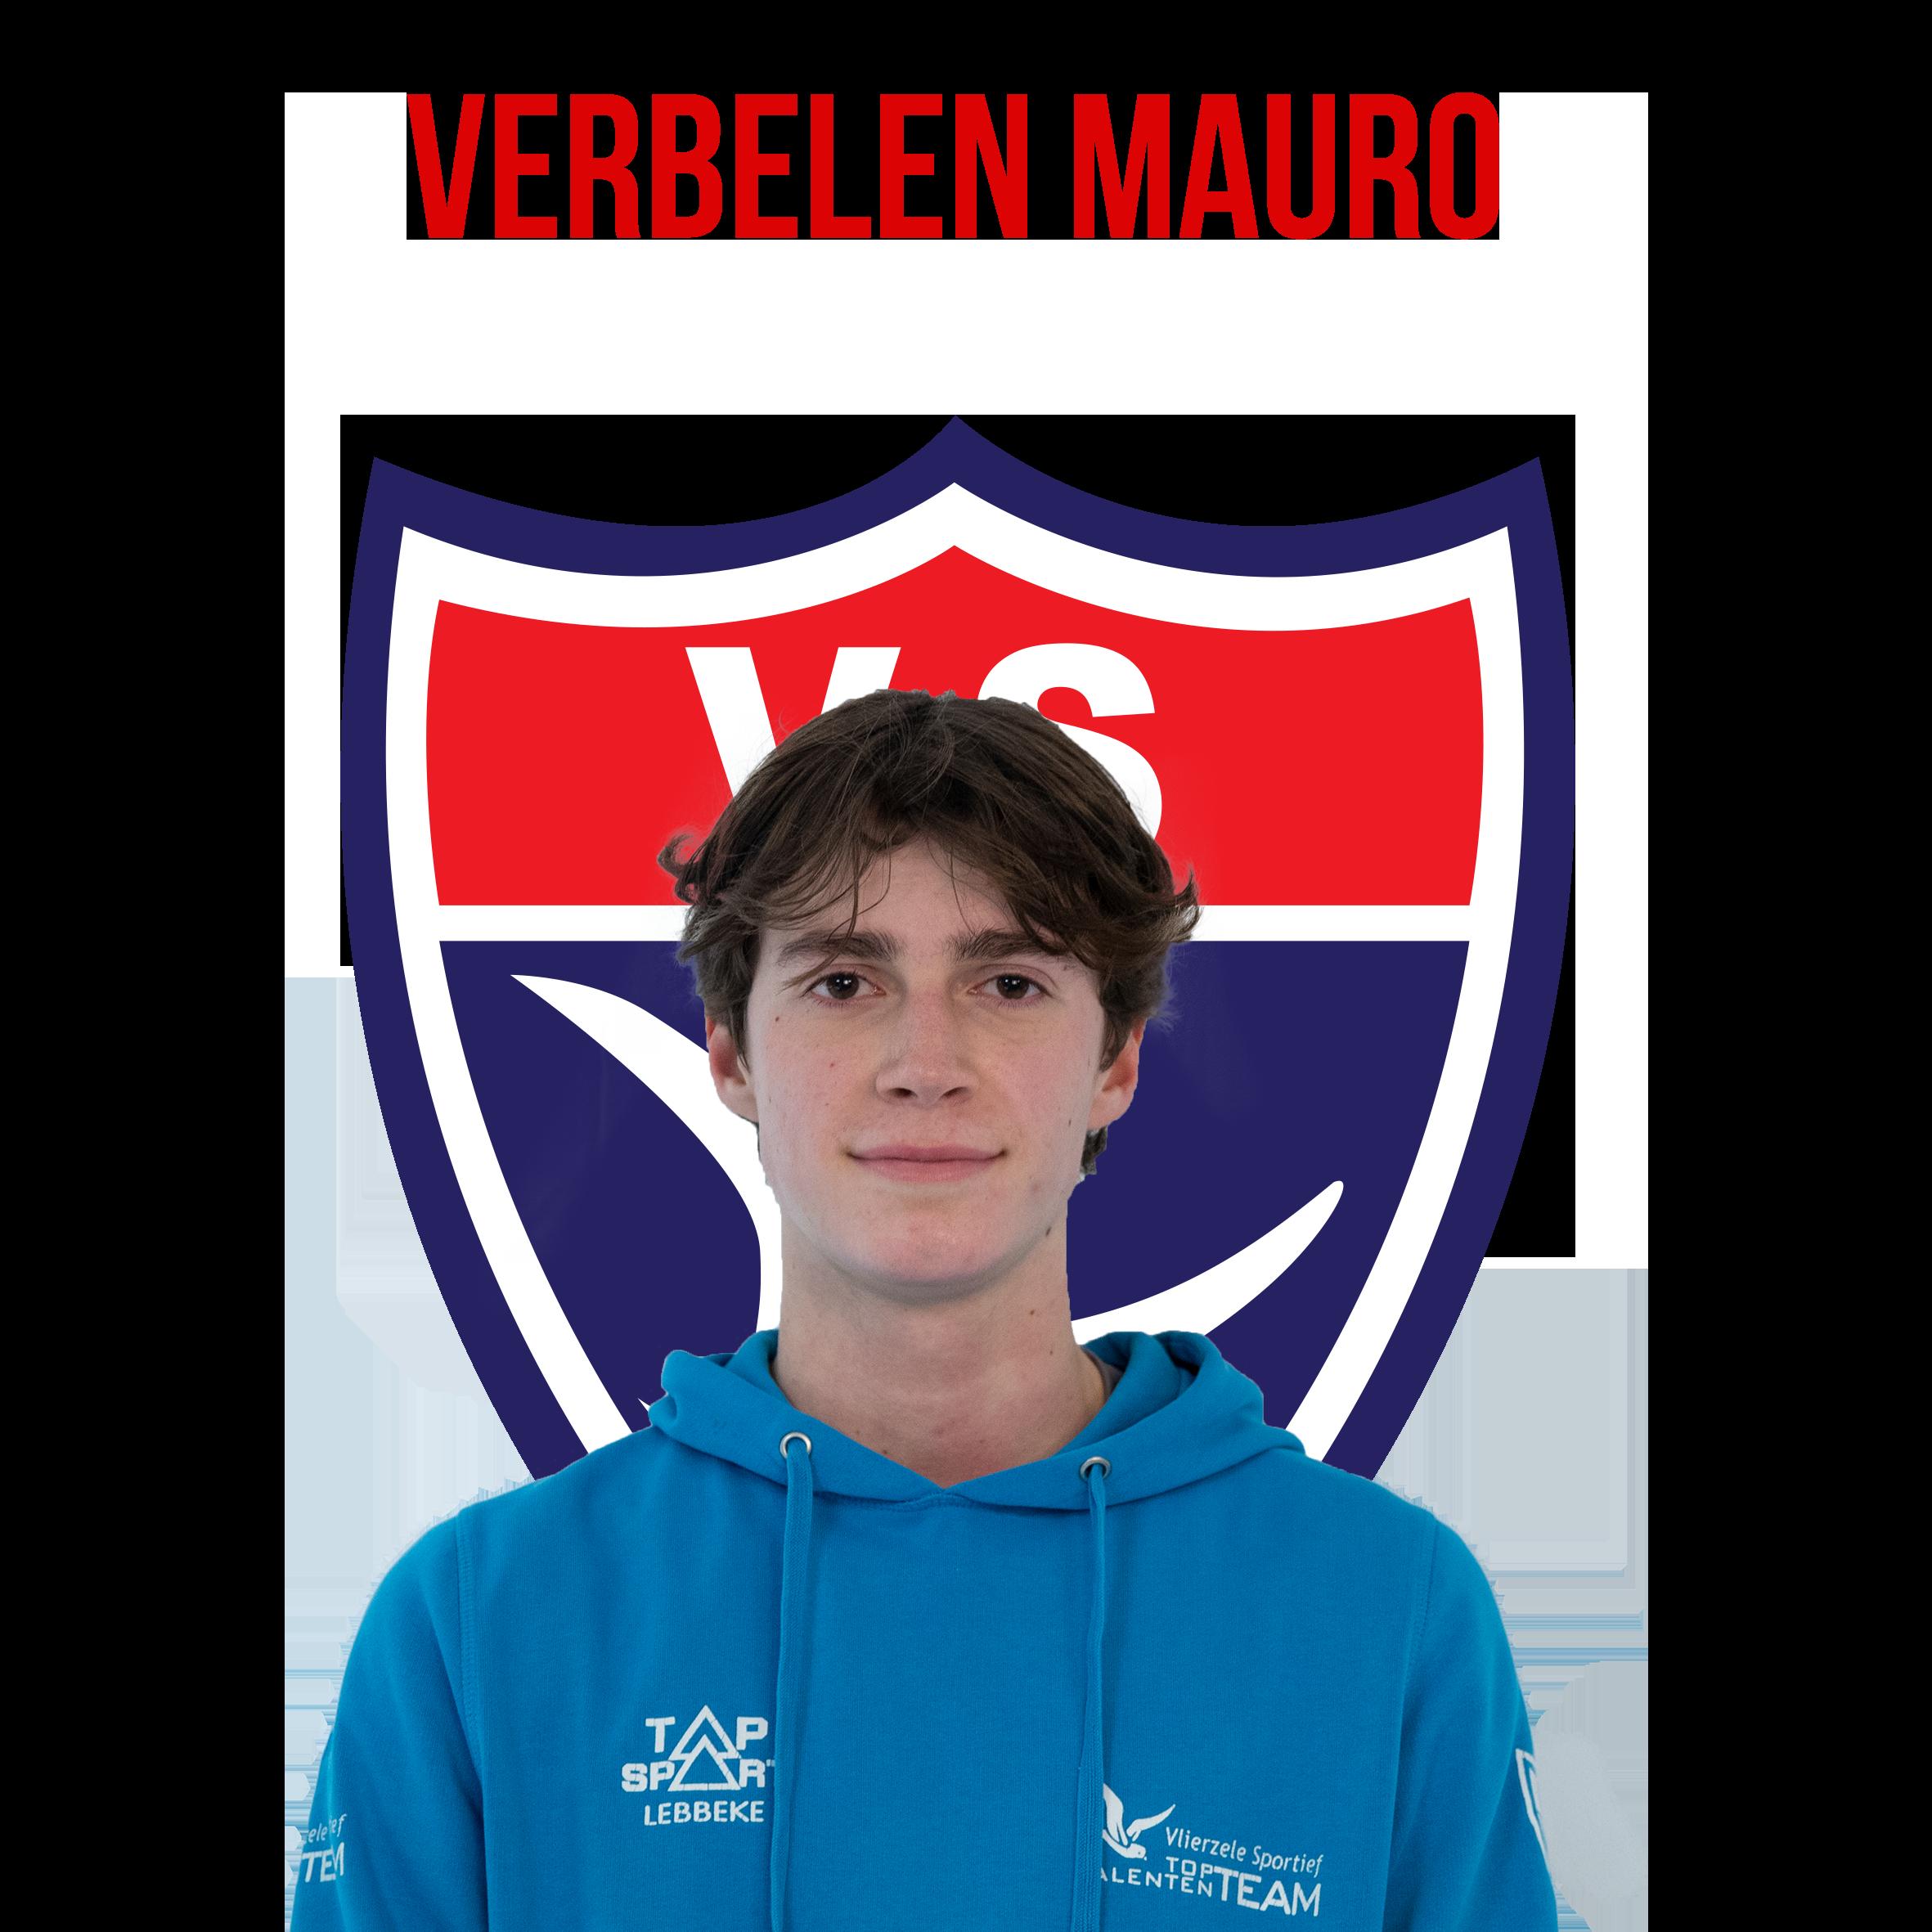 verbelen_mauro